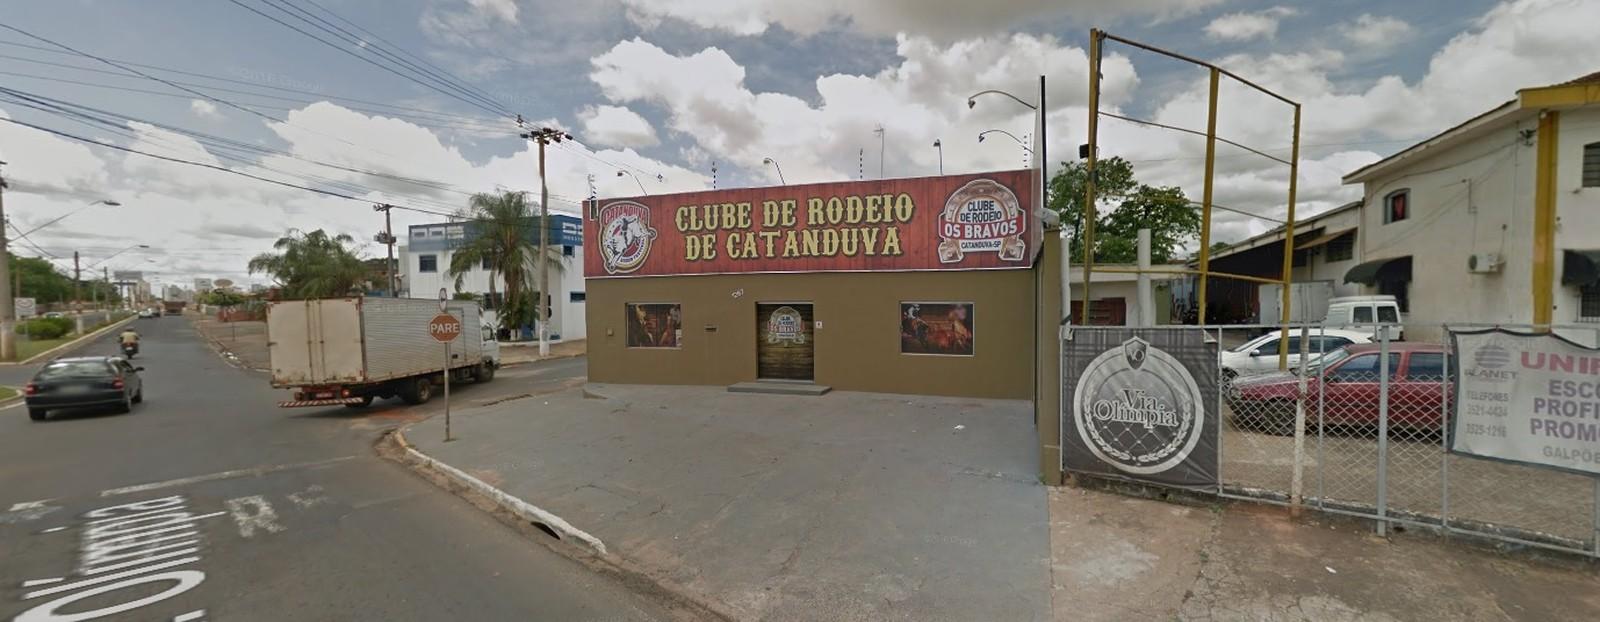 (Foto: Reprodução/Google Street View)